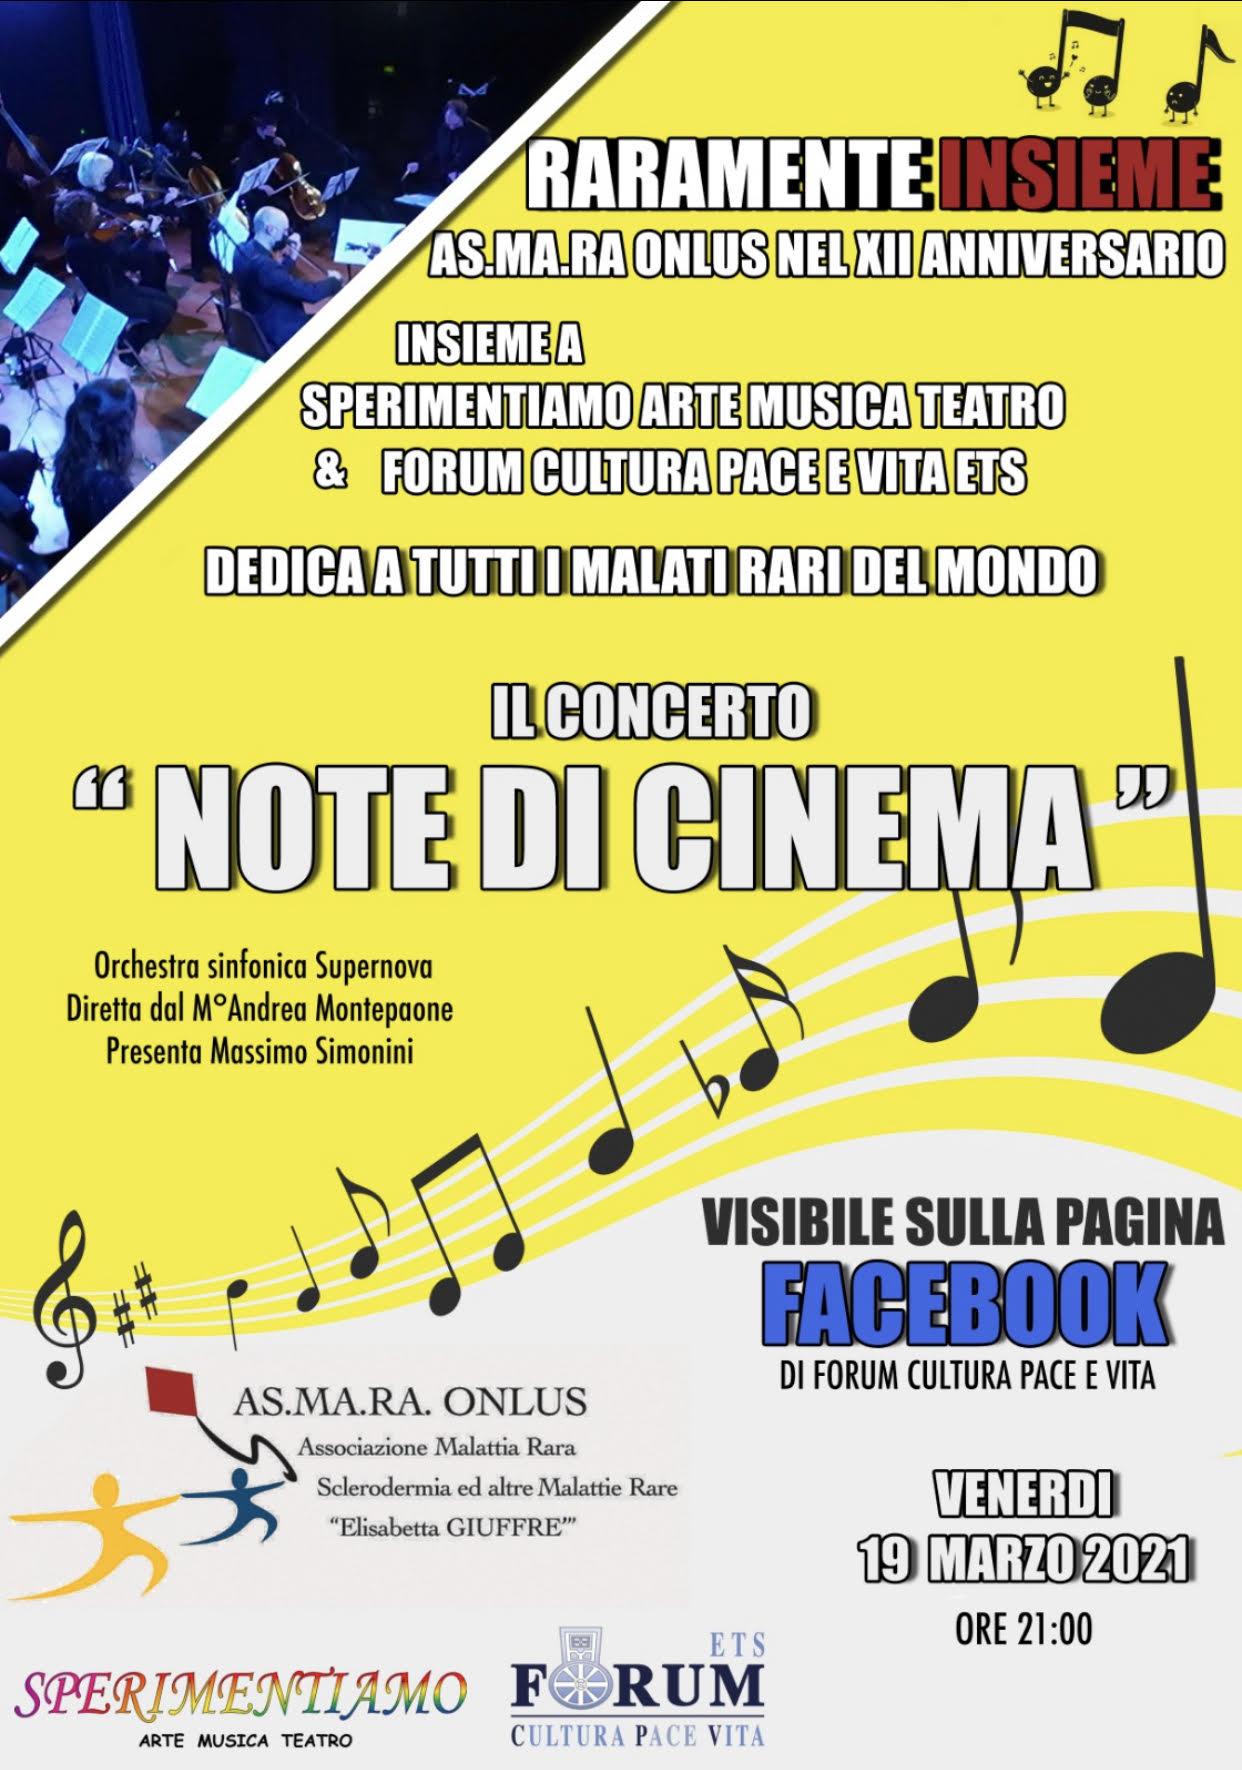 """AS.MA.RA. ONLUS (@sclerodermia.rare ) in occasione del XII anno dalla sua fondazione, con il prezioso  contributo dell' Associazione SPERIMENTIAMO ARTE MUSICA  TEATRO (Sperimentiamo Arte Musica Teatro,  insieme al FORUM CPV ETS (@ForumCPV),  VENERDI 19 Marzo dalle ore 21:00 - visibile sulla pagina  FaceBook del FORUM CPV ETS https://www.facebook.com/ForumCPV Presentano l'evento  """"RARAMENTE INSIEME """",  dedicato a tutti i Malati affetti da Malattie Rare , durate il quale verrà trasmesso il   coinvolgente  CONCERTO  """"NOTE DI CINEMA""""  eseguito dall'Orchestra Sinfonica SUPERNOVA diretta  dal prestigioso M^ Andrea Montepaone; concerto realizzato in occasione della rassegna A RIVEDER LE STELLE curata dall'Associazione Sperimentiamo Arte Musica Teatro.   Presenta Massimo Simonini . Buona Visione ed Ascolto."""